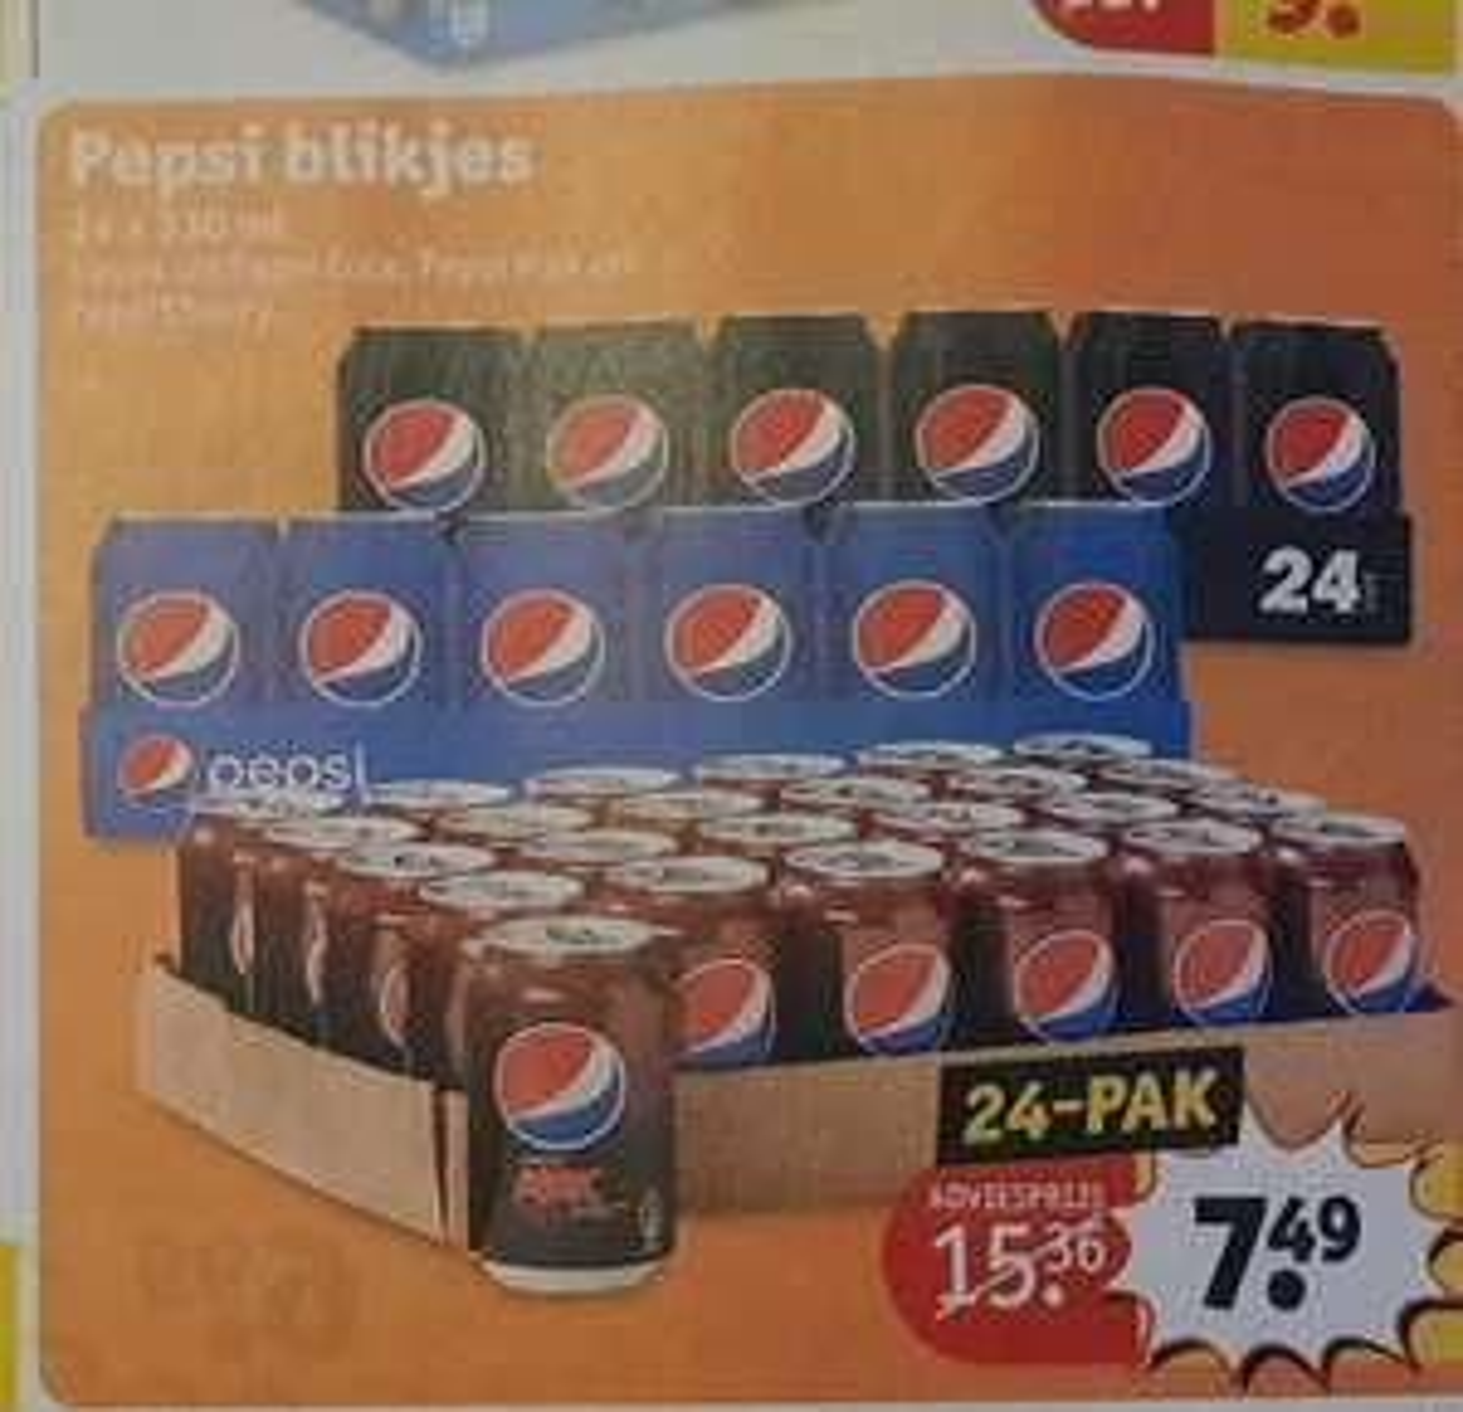 Pepsi blikjes 24 x 330 ml